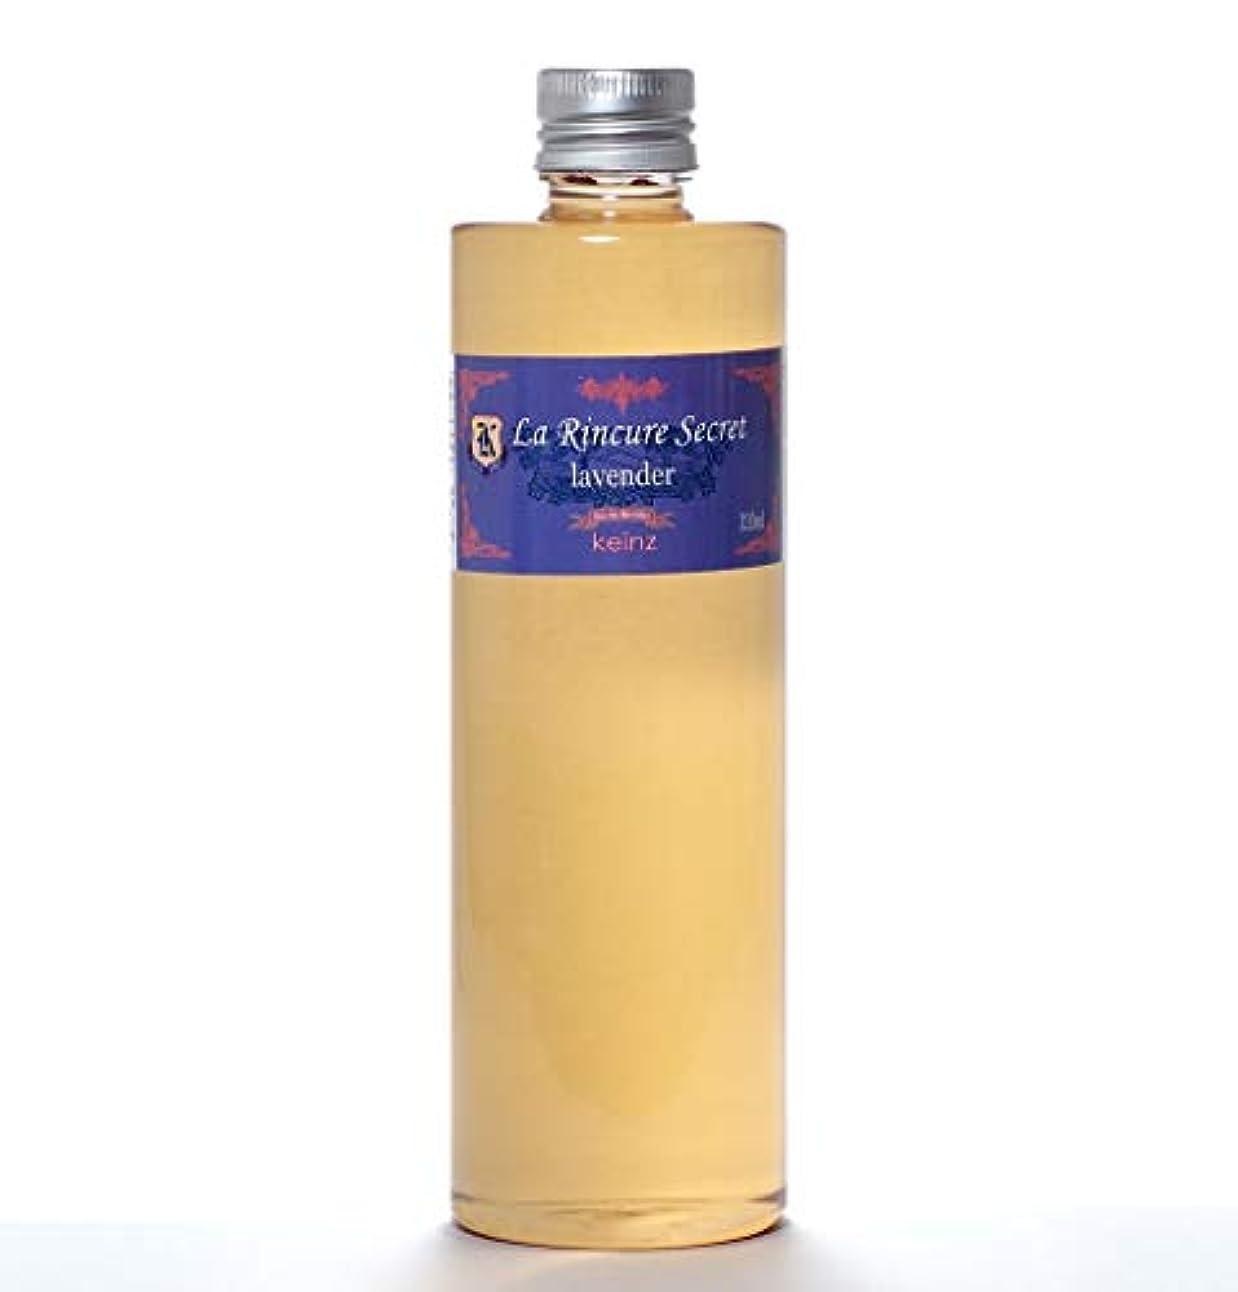 敬意を表してトリップ優しさkeinz 石鹸シャンプー専用(合成シャンプーには使えません) ラヴェンダーの花(フランス産)で作った気持ちの良いハーブトリートメント 『秘密のすすぎ水/ラヴェンダー』完全無添加 化学薬品不使用 420g(約130回分/...